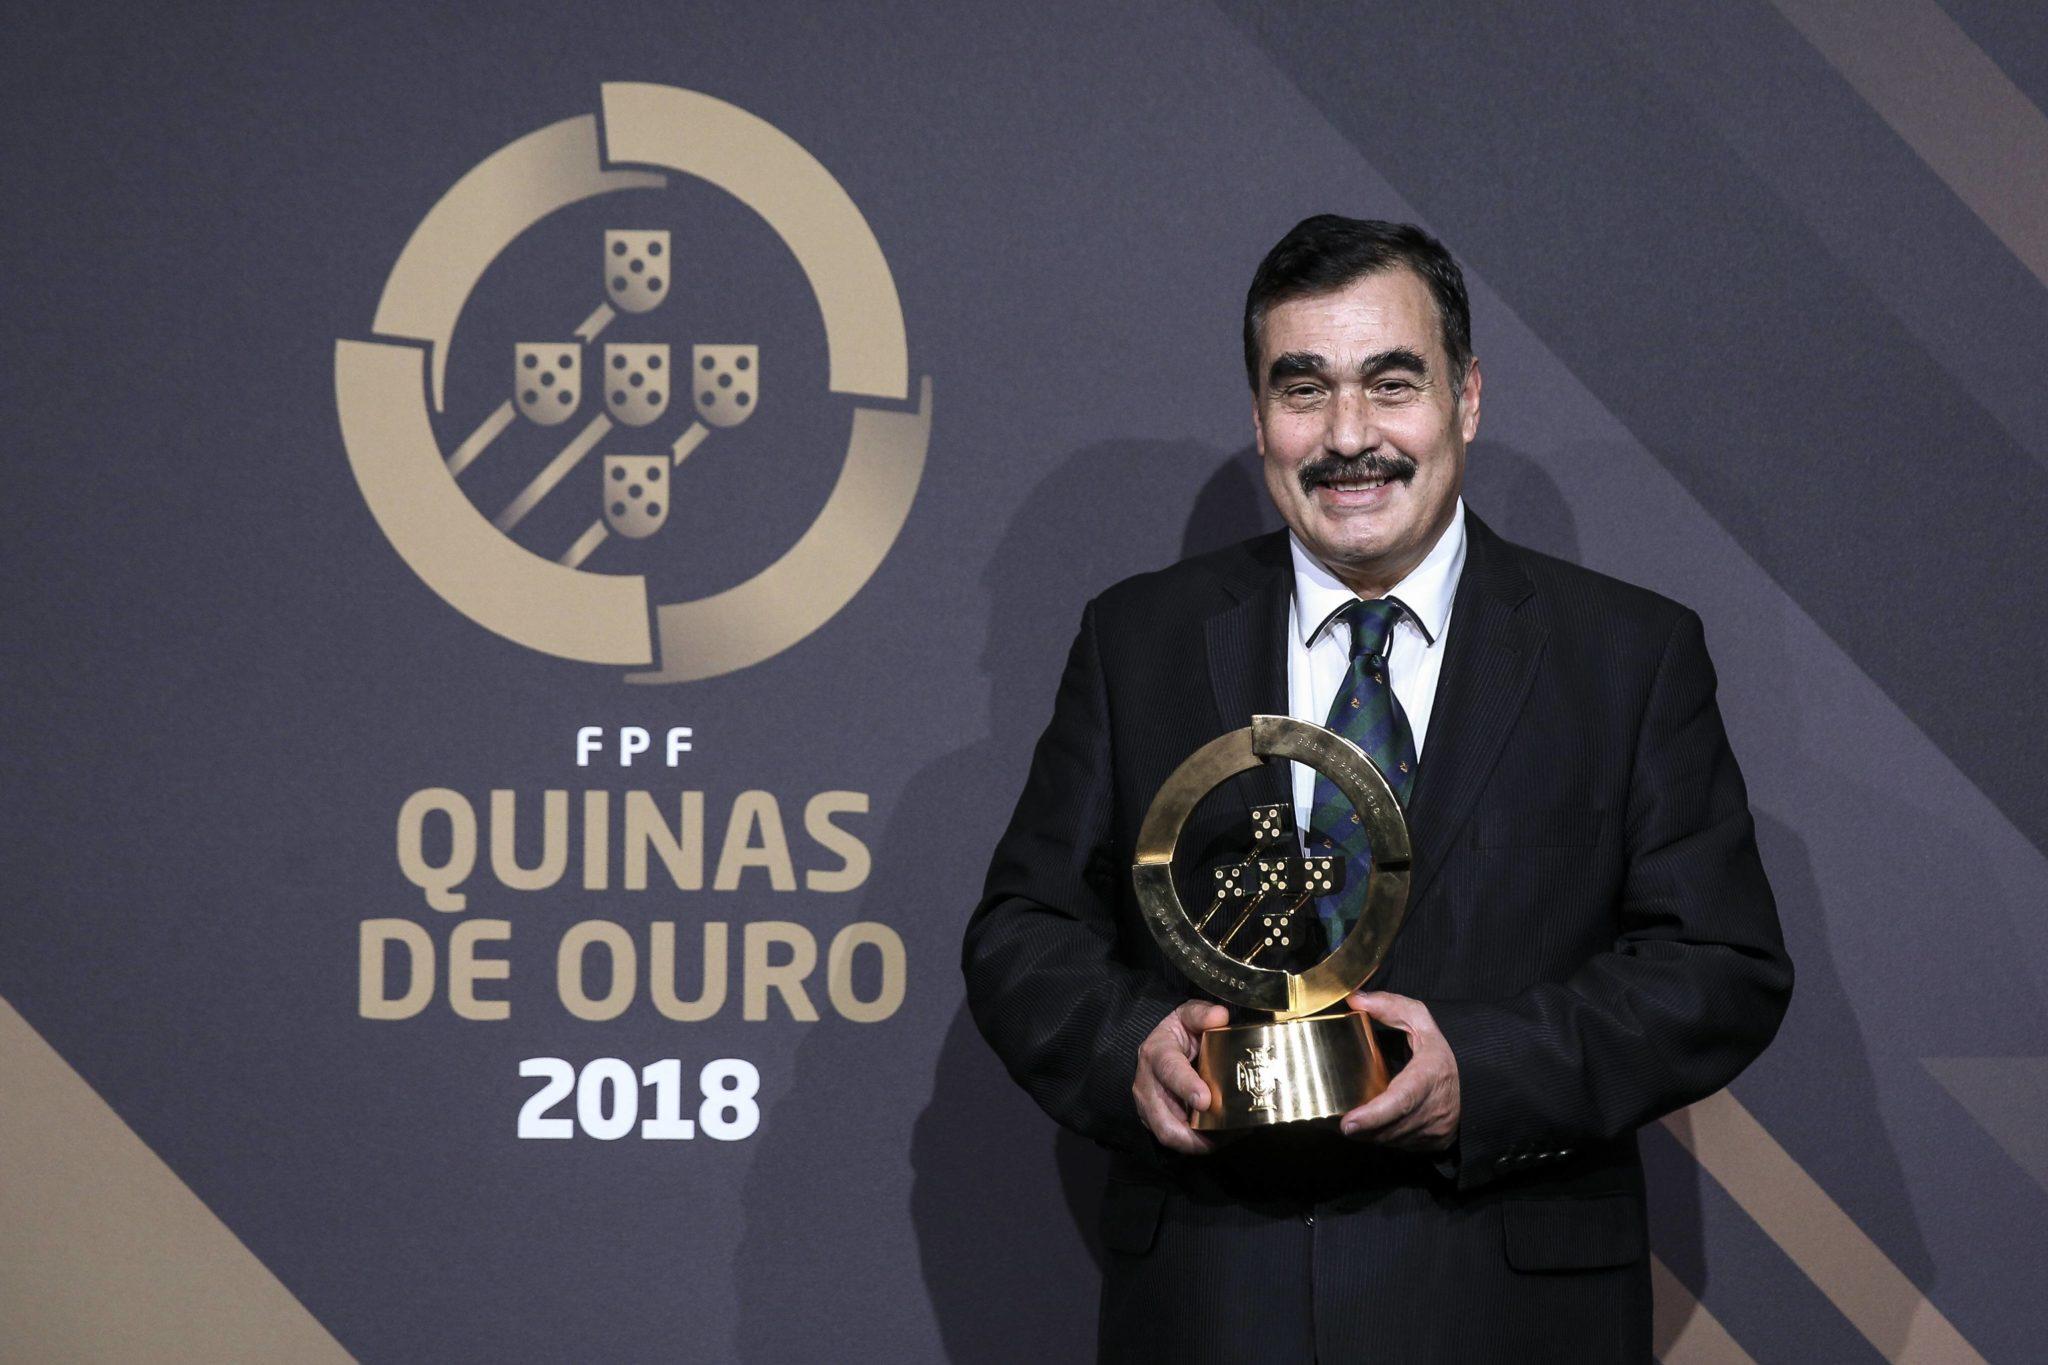 Gala zu Ehren von Fernando Peyroteo.